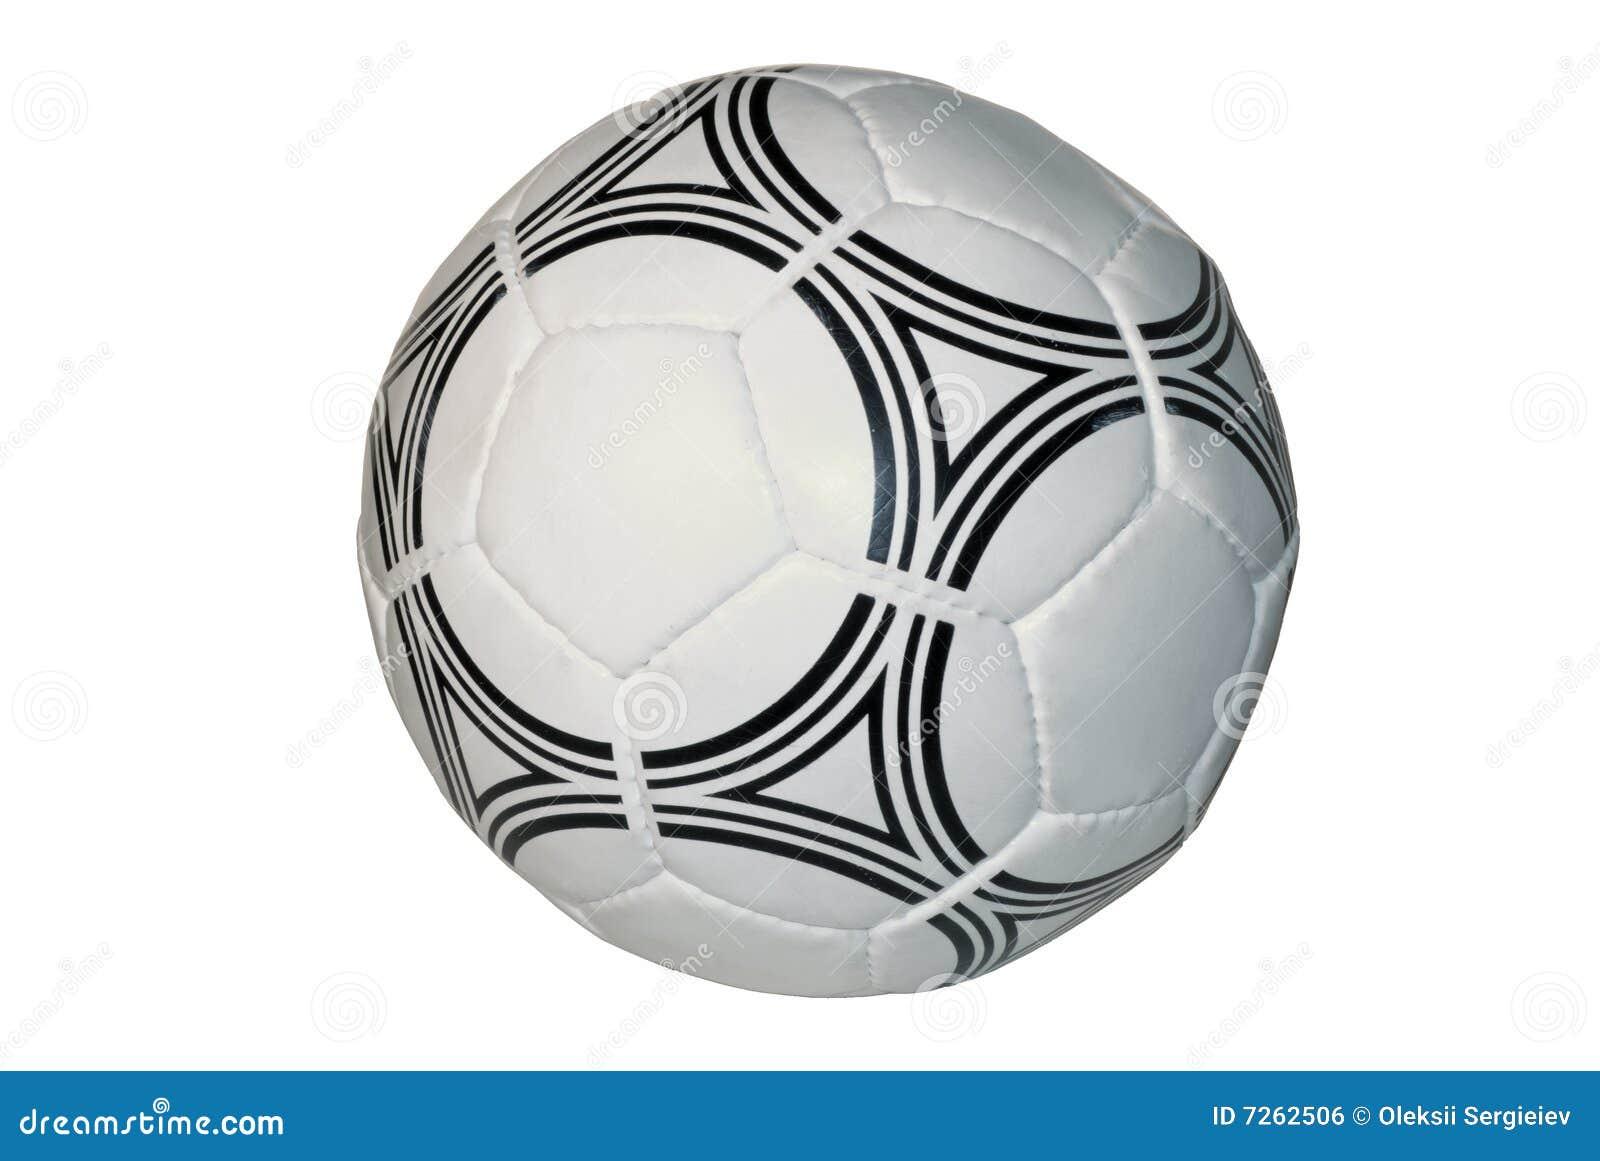 Esfera de futebol, isolada em um fundo branco